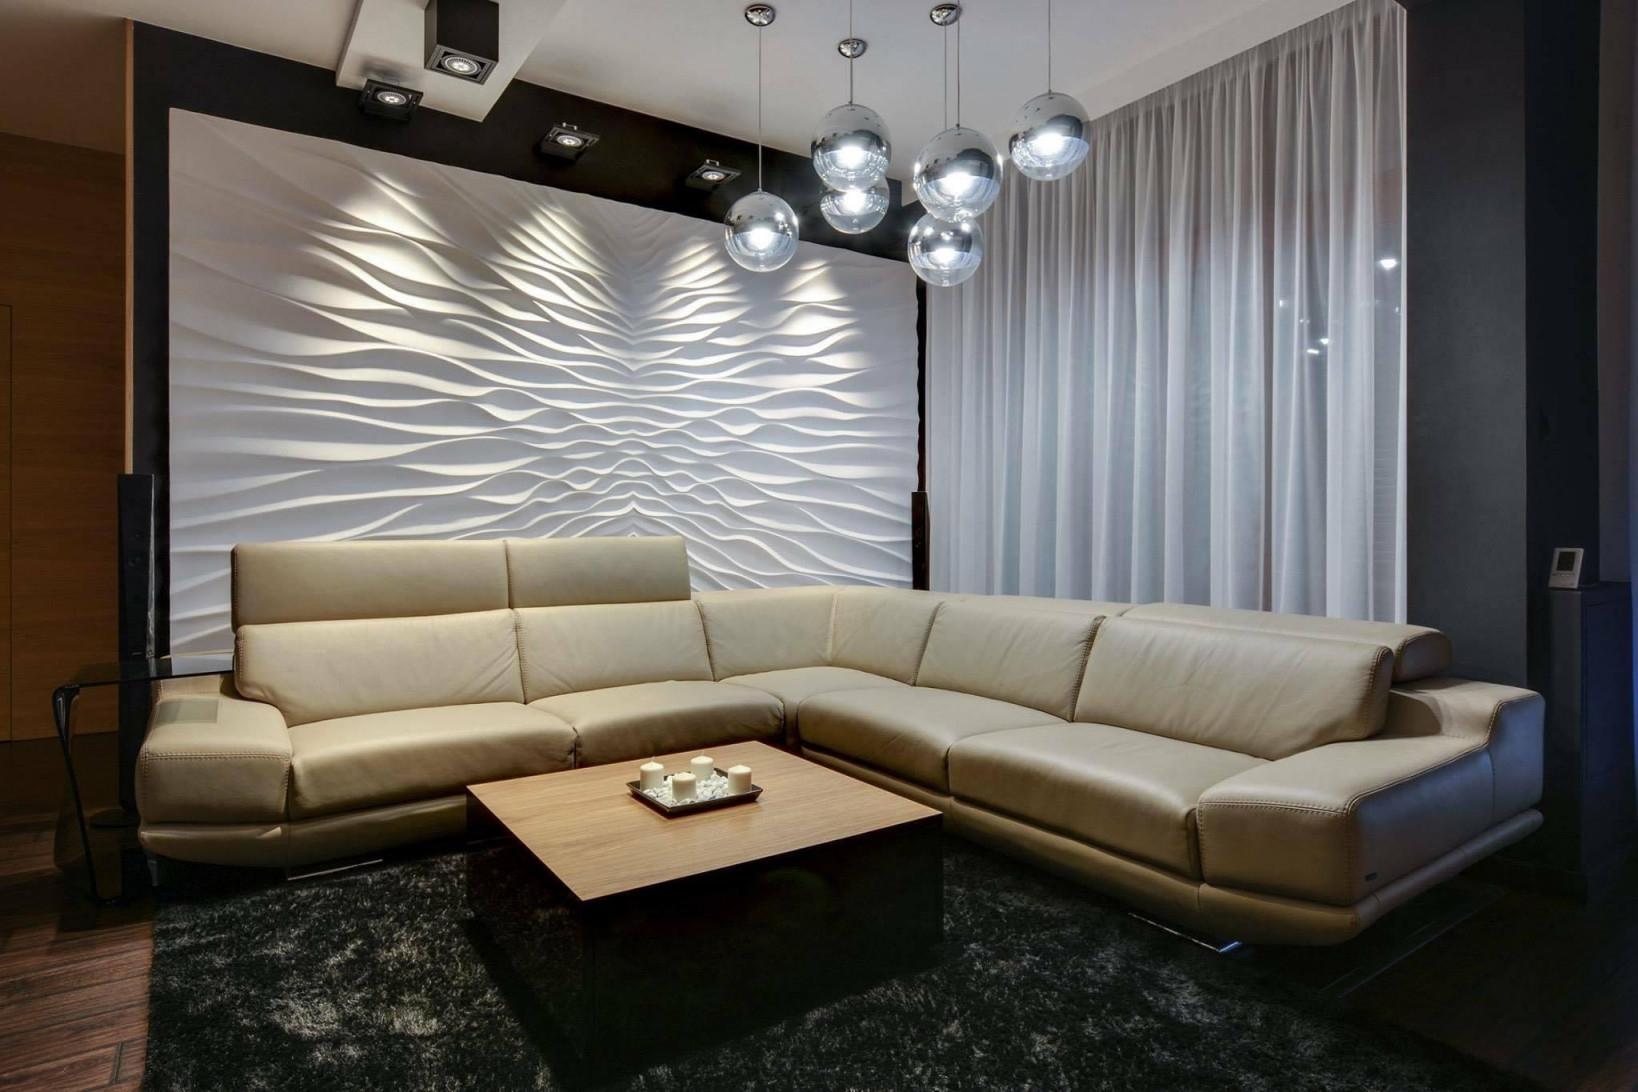 Wandverkleidung Individualisieren So Geht's von Wandverkleidung Ideen Wohnzimmer Bild